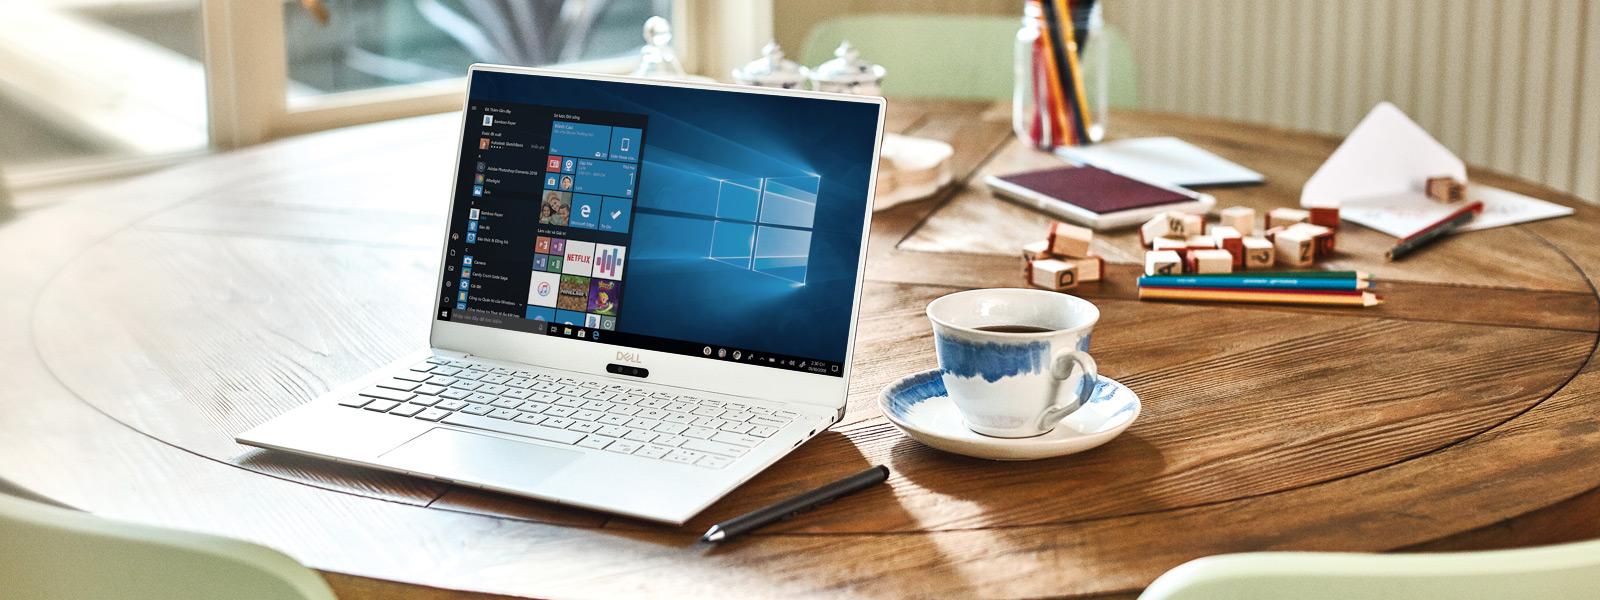 Một chiếc Dell XPS 13 9370 để mở trên bàn với màn hình khởi động Windows 10.